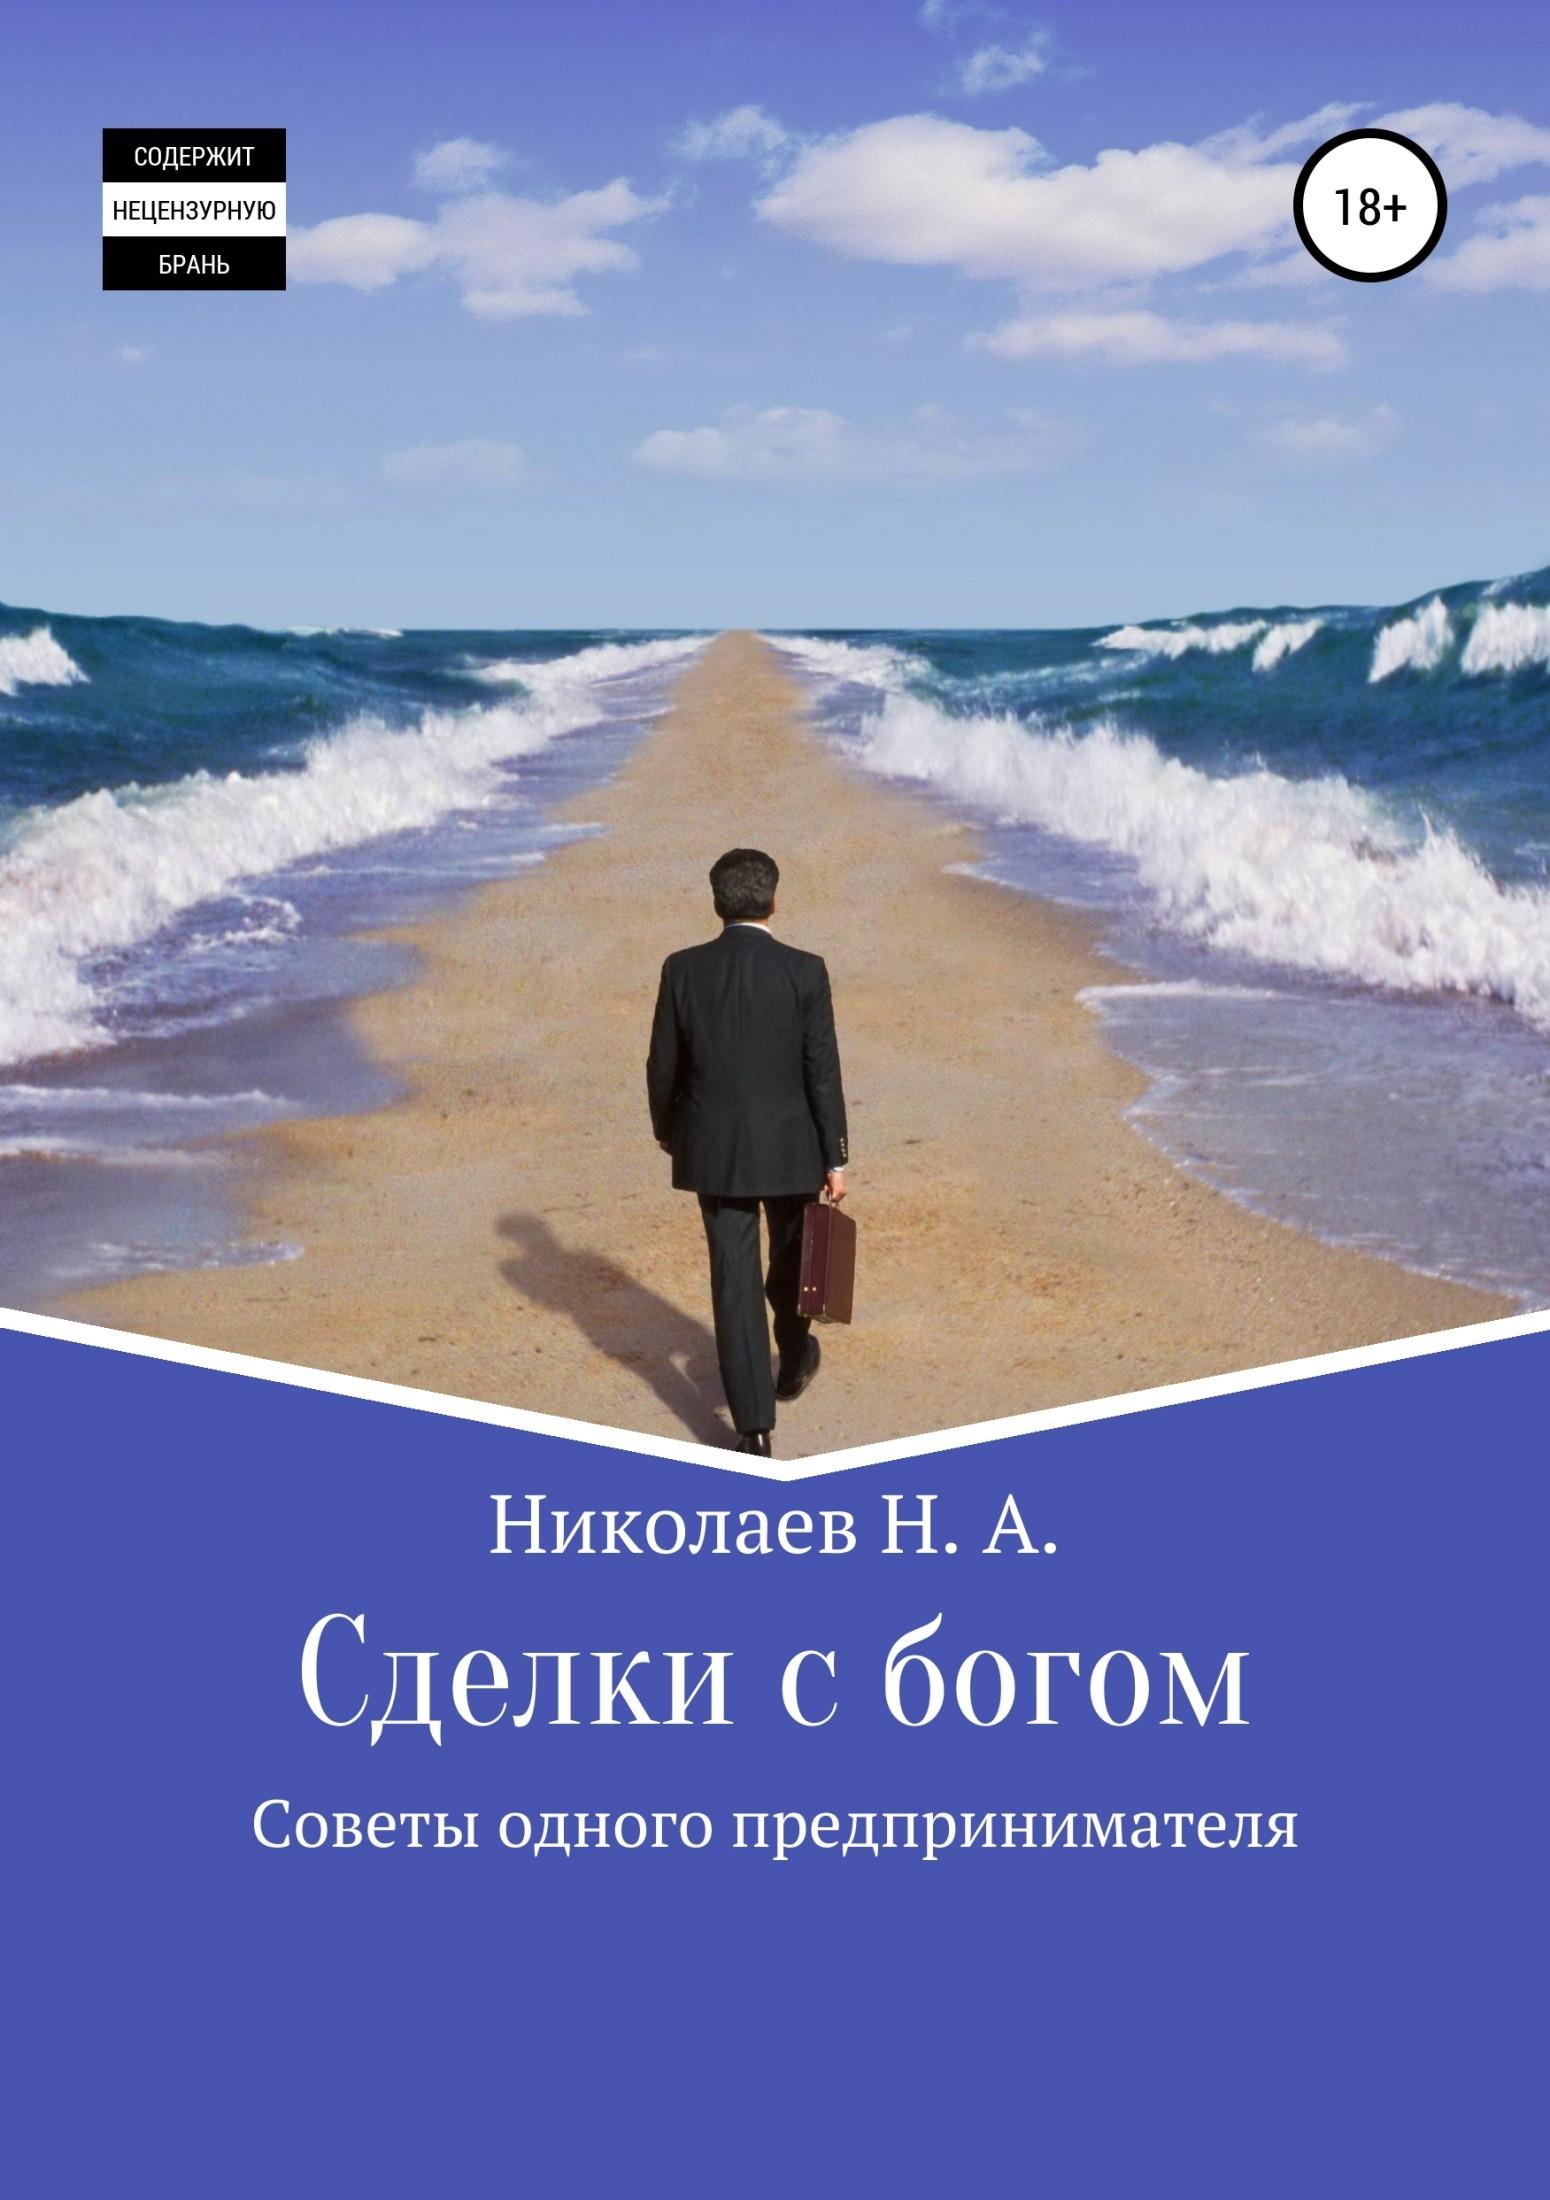 Обложка книги Сделки с богом